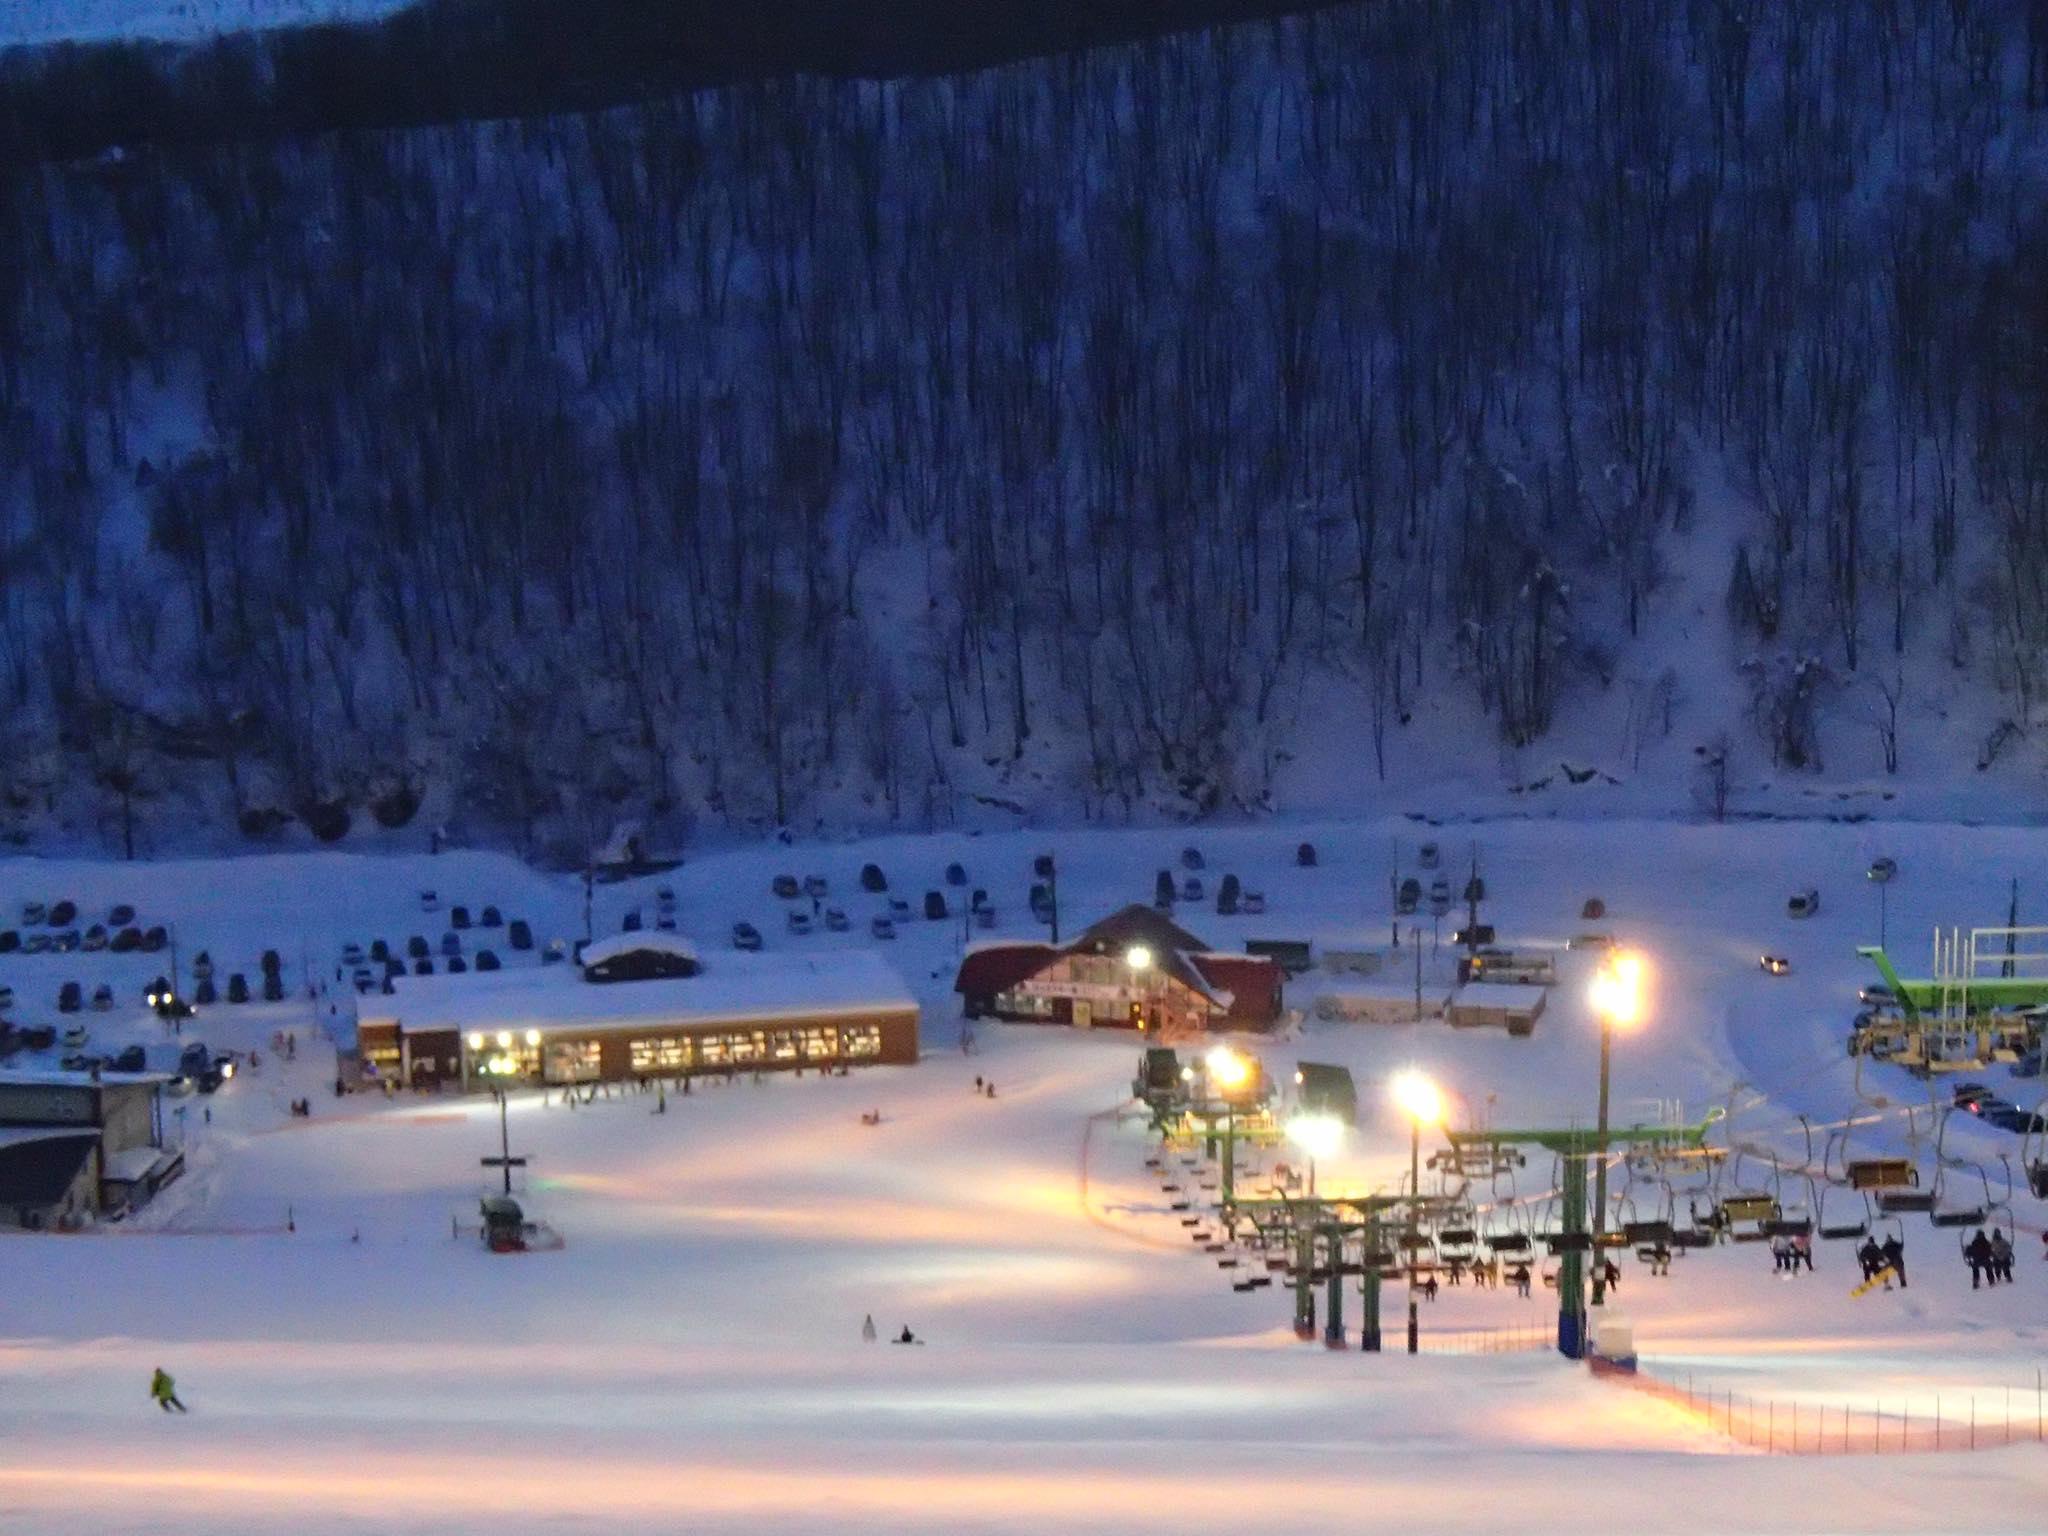 ぴっぷスキー場斜面から見た「スキップ」等